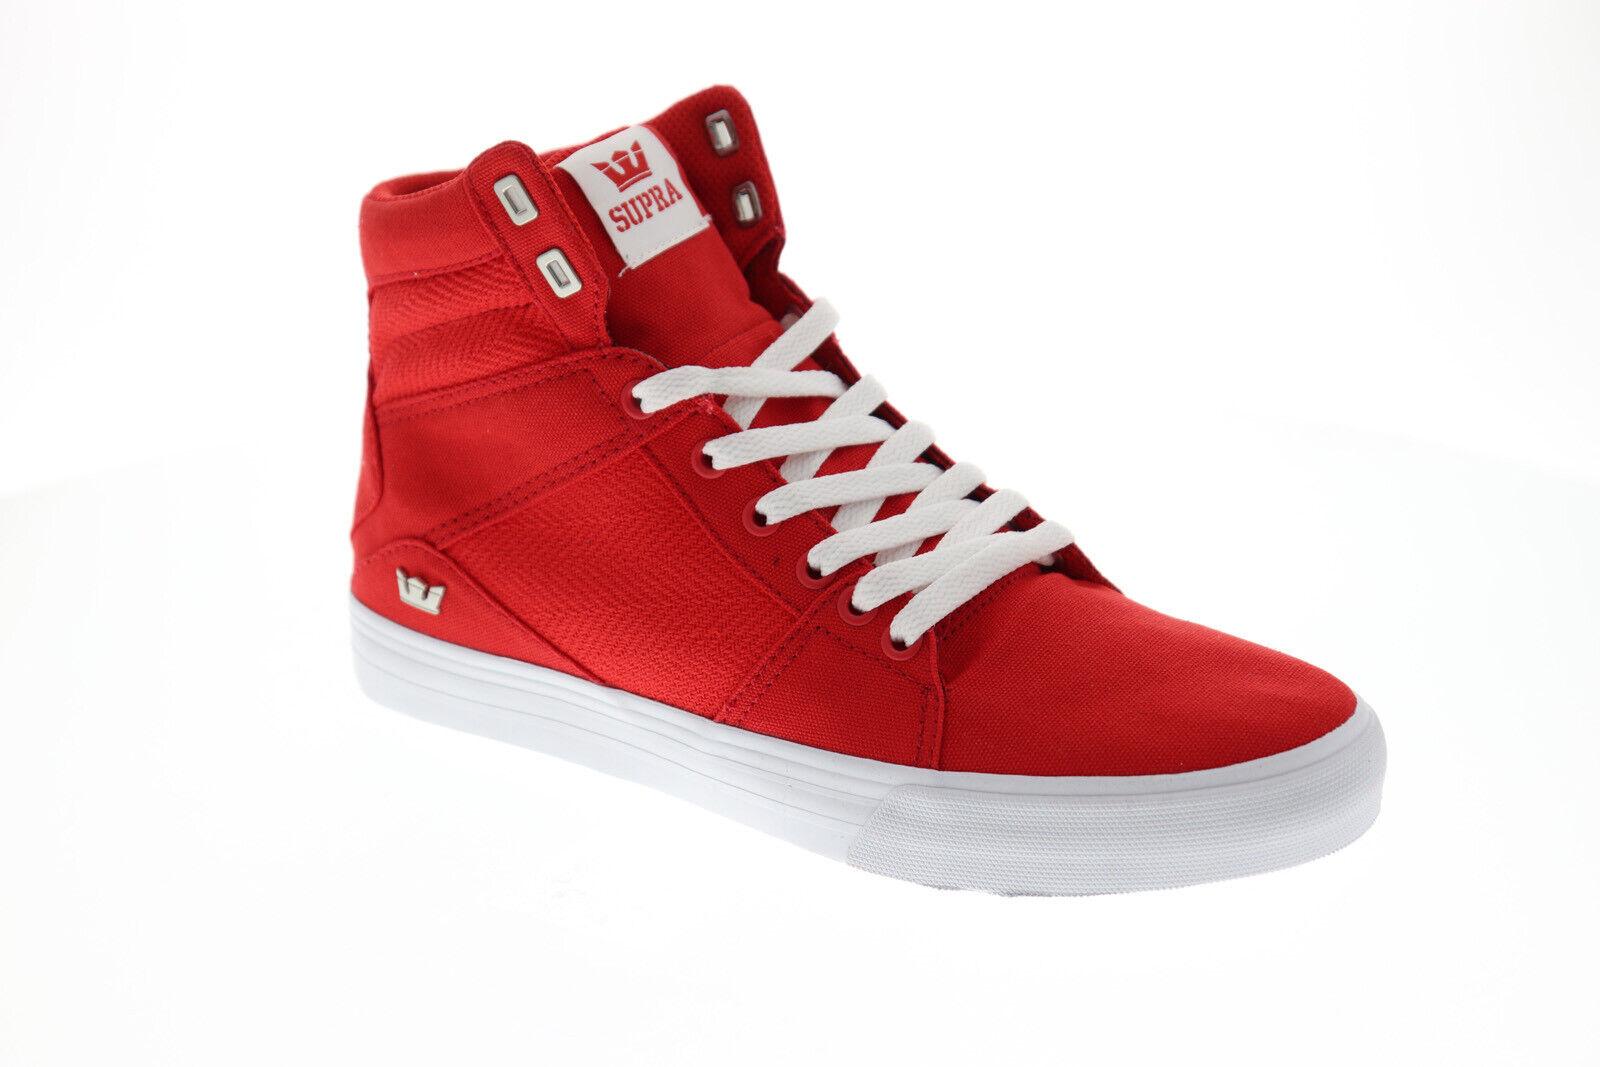 Supra Aluminum Para Hombre Rojo Textil Zapatos Tenis altas con cordones